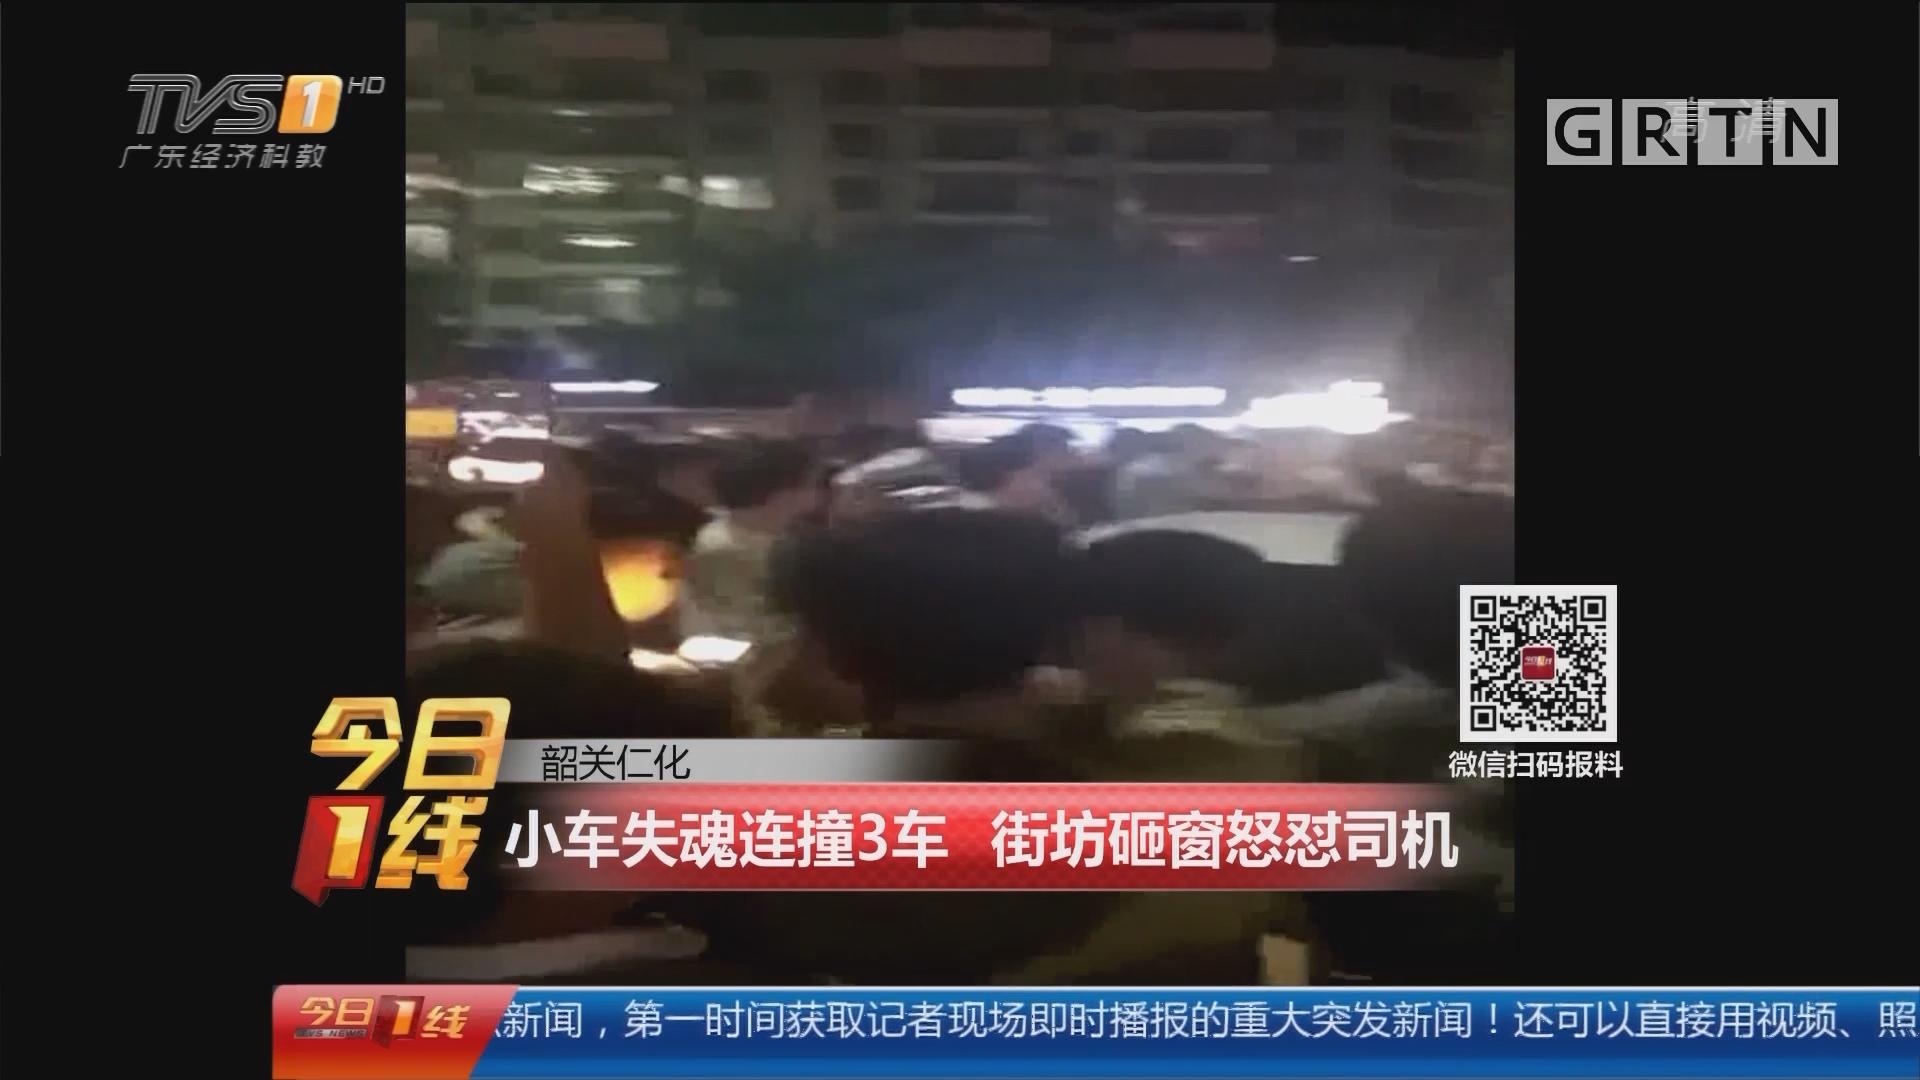 韶关仁化:小车失魂连撞3车 街坊砸窗怒怼司机